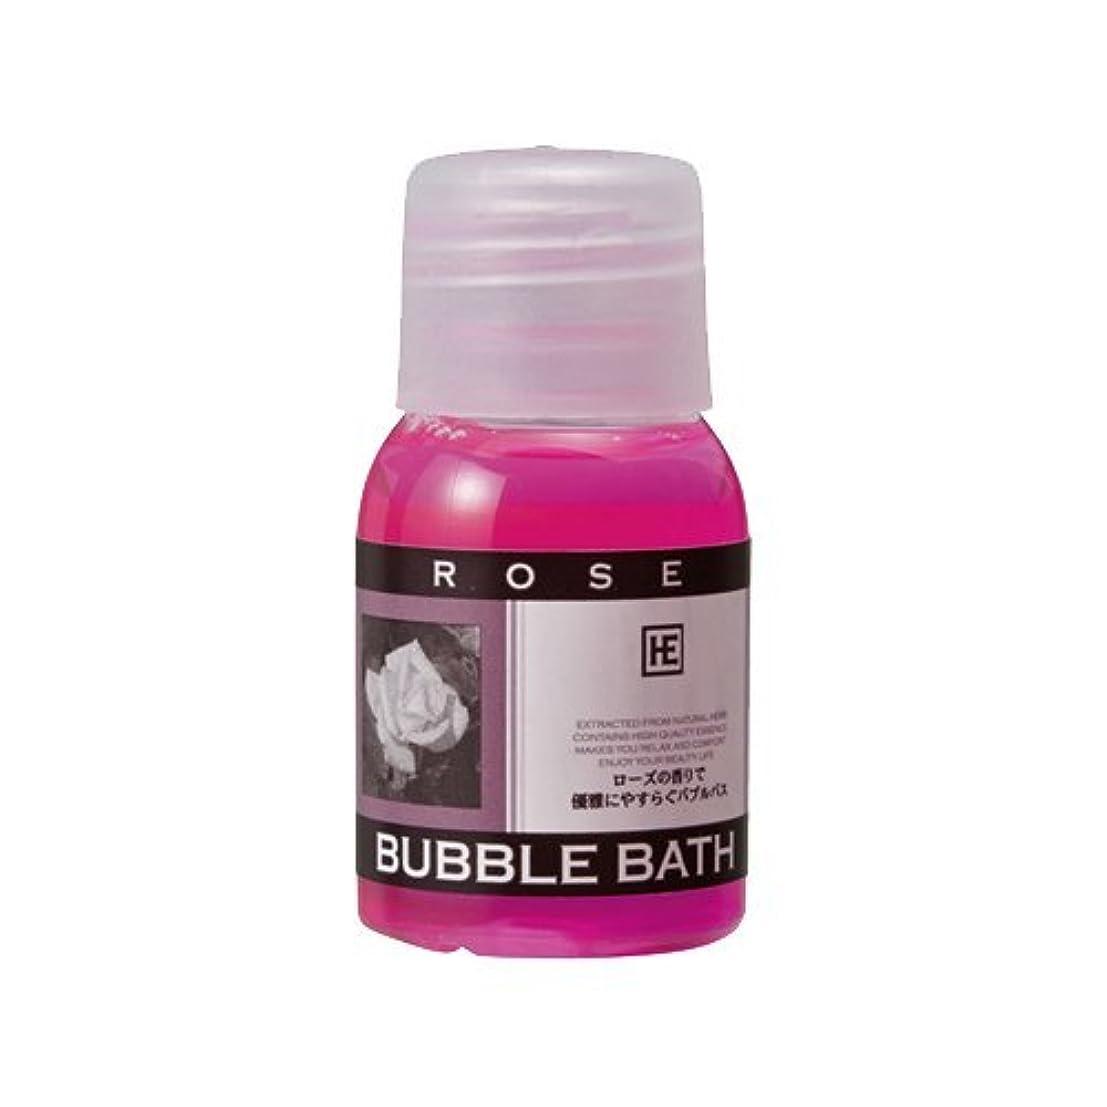 国民投票バーマドサージハーバルエクストラ バブルバス ミニボトル ローズの香り - ホテルアメニティ 業務用 発泡入浴剤 (BUBBLE BATH)